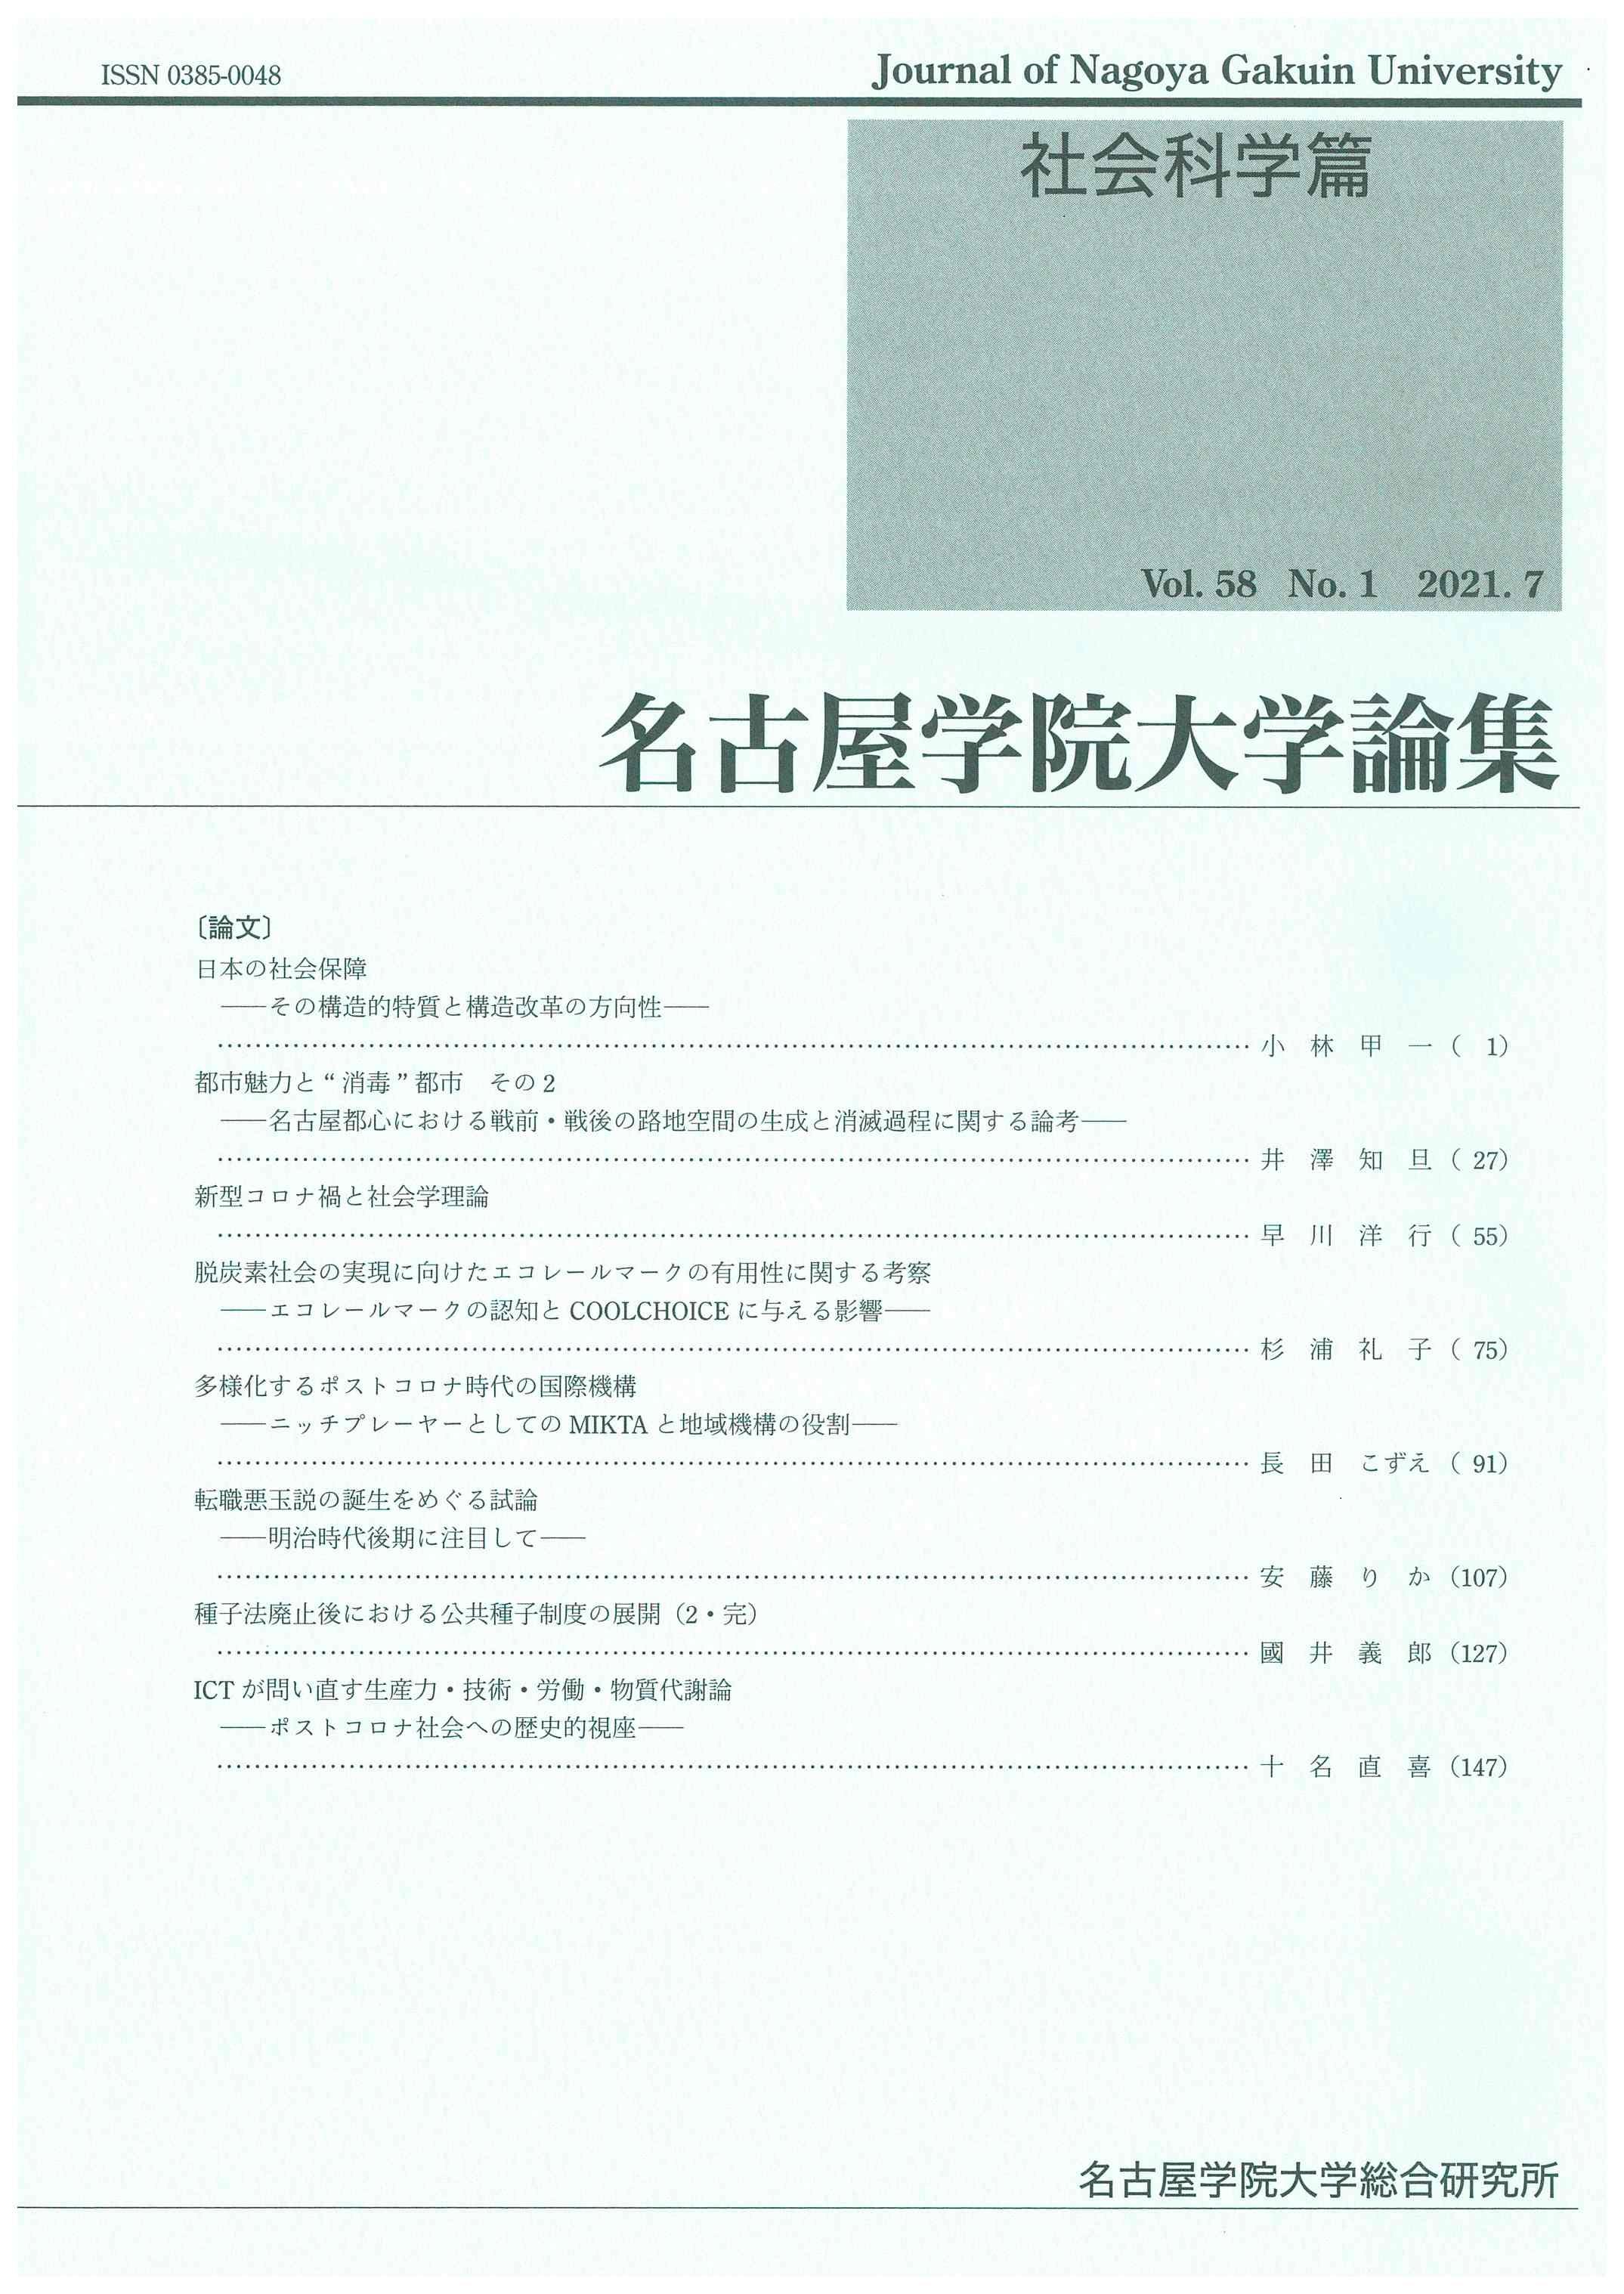 syakai58-1.jpg